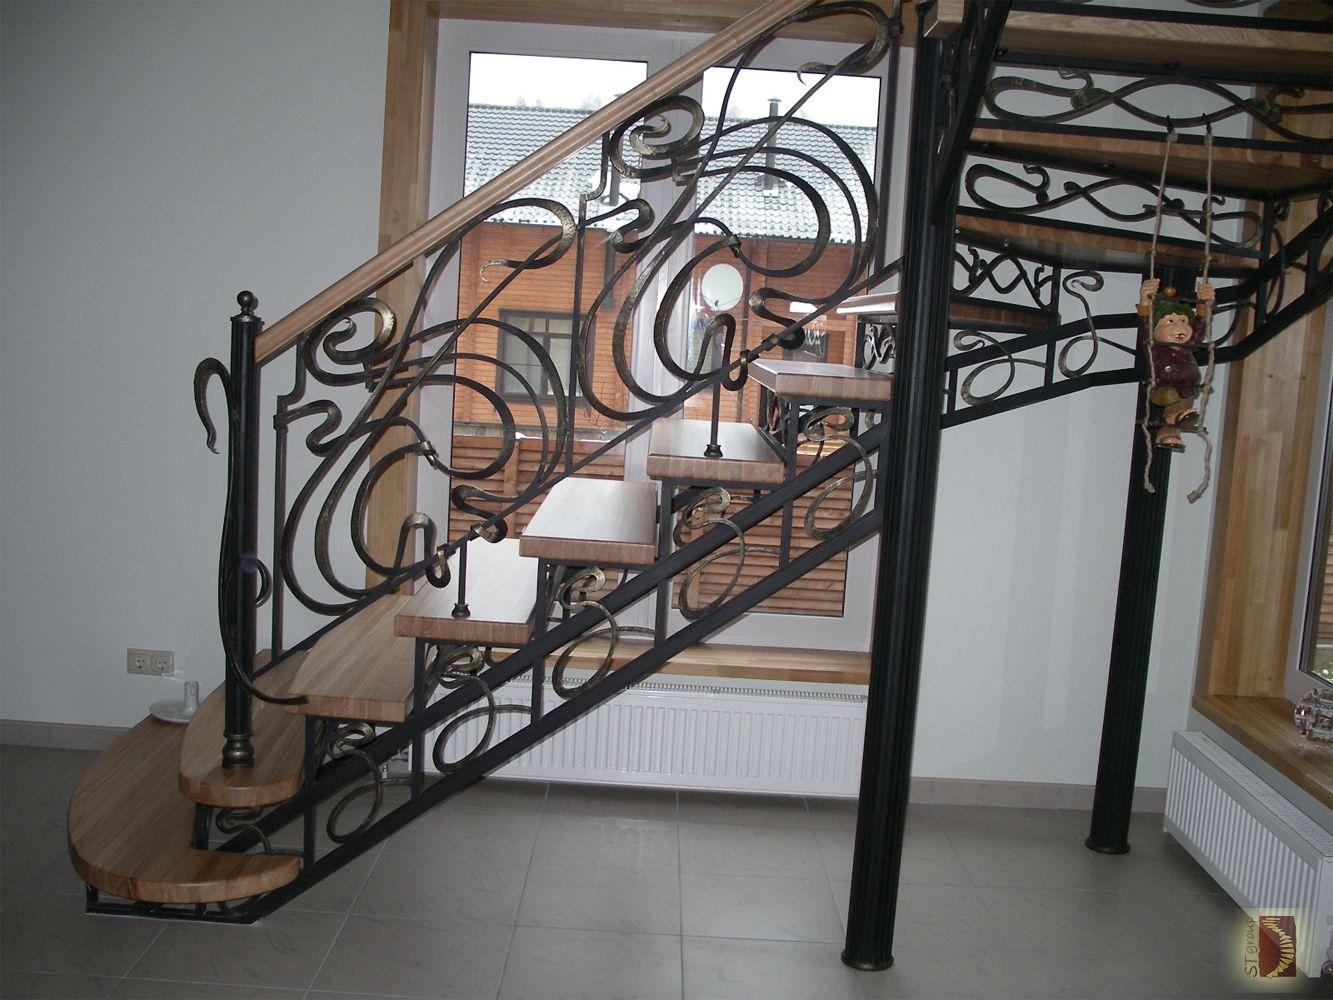 https://www.google.ro/search?q=handrail,